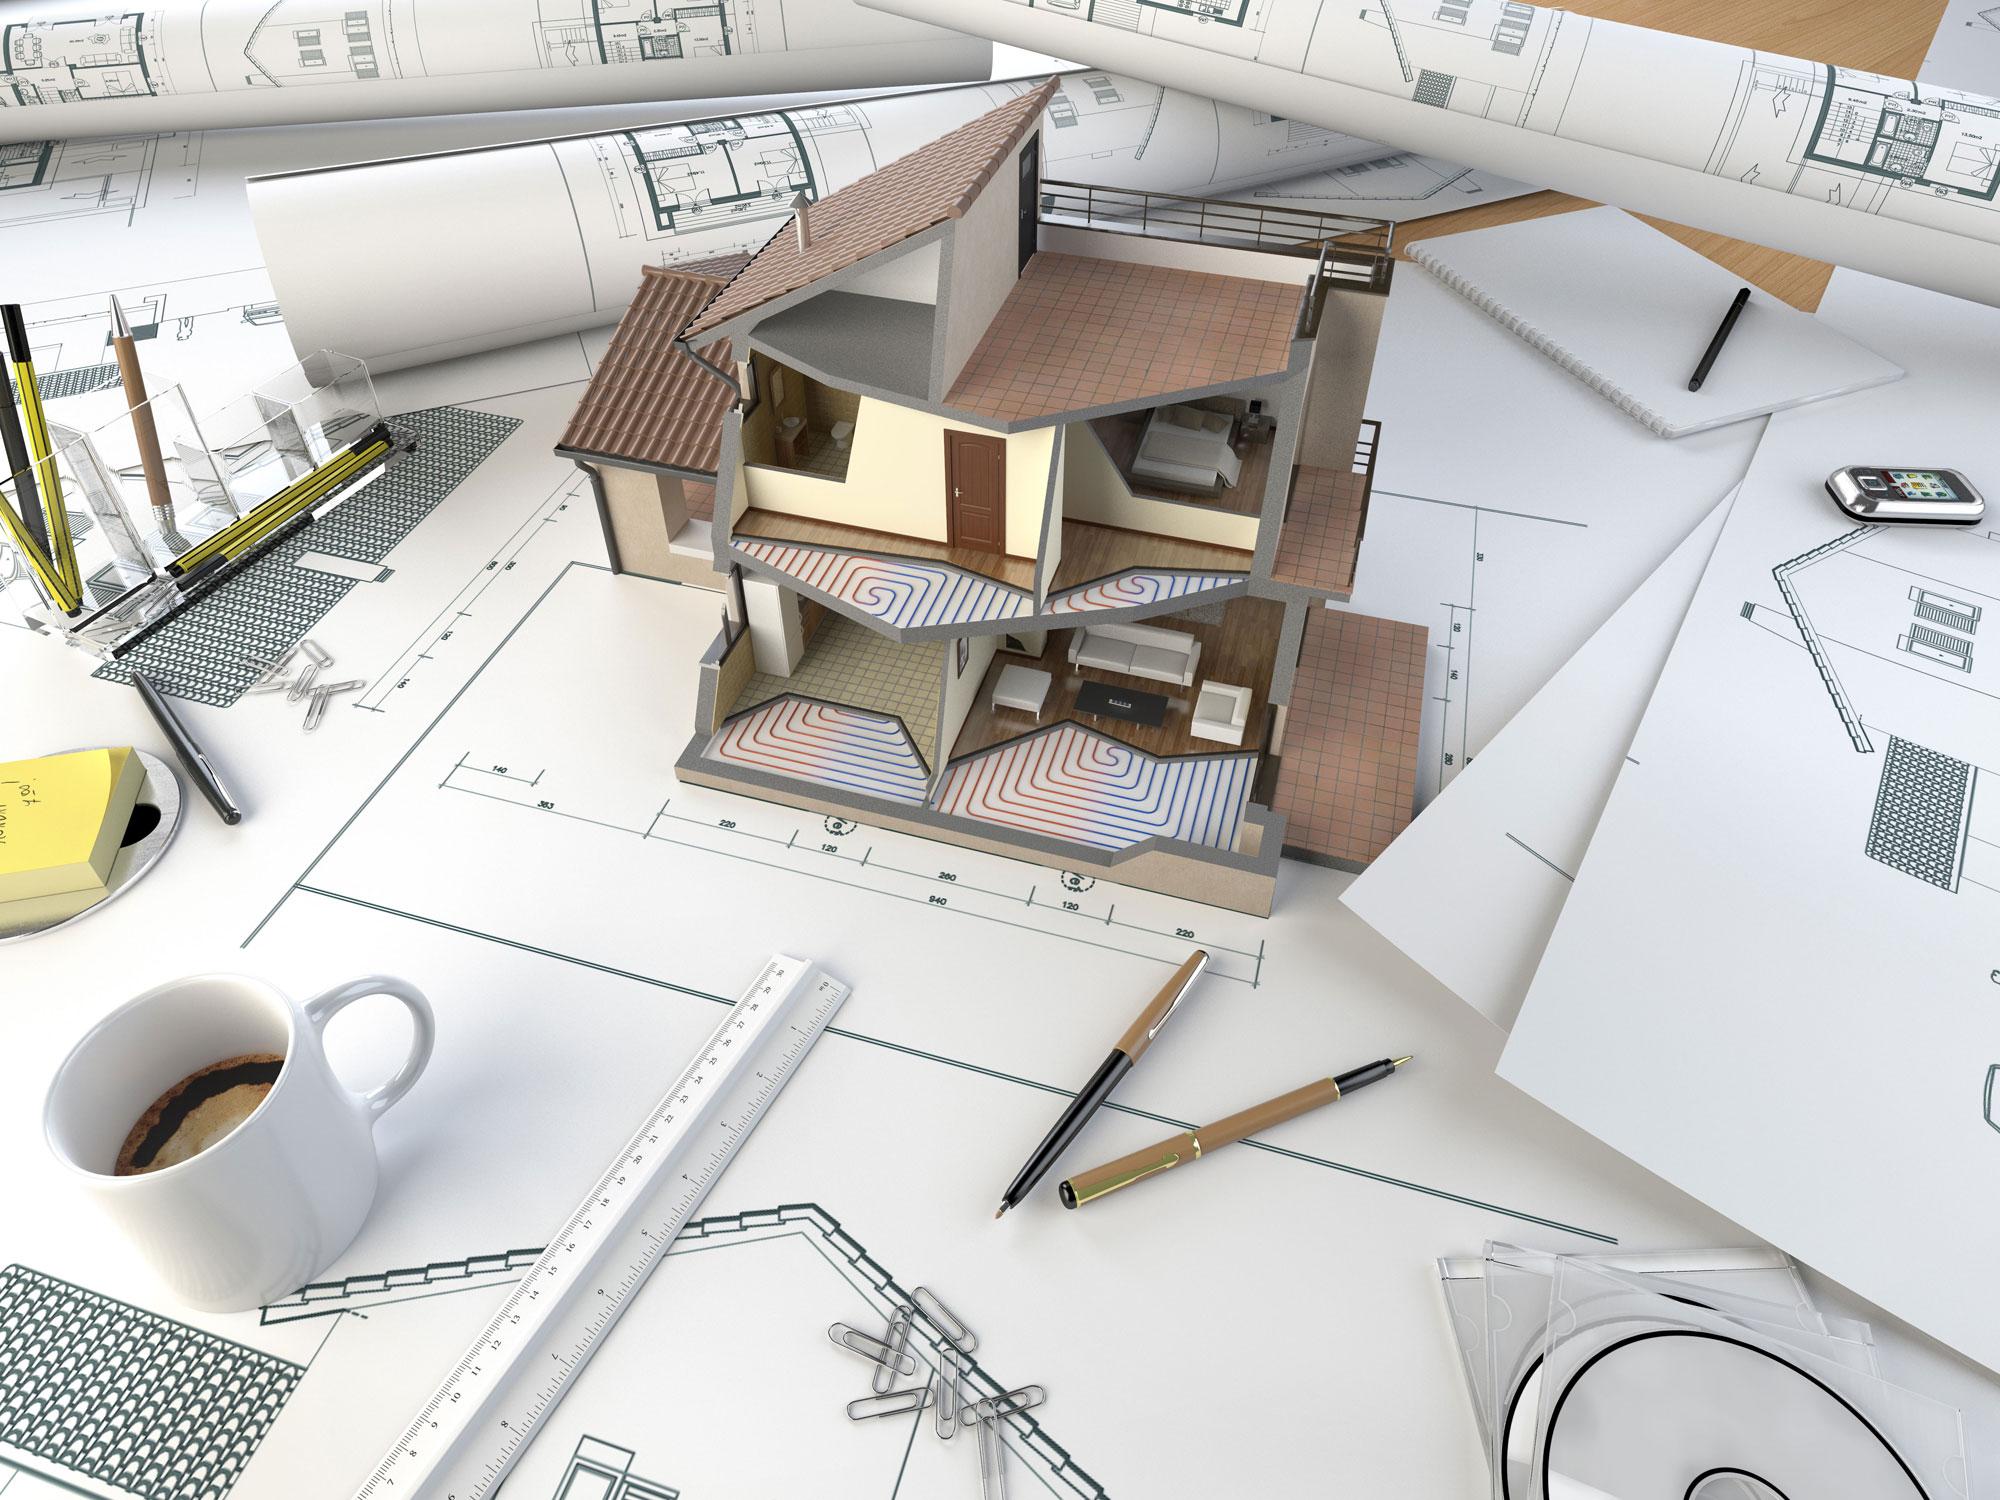 architekturnoe proektirovanie kiev bti